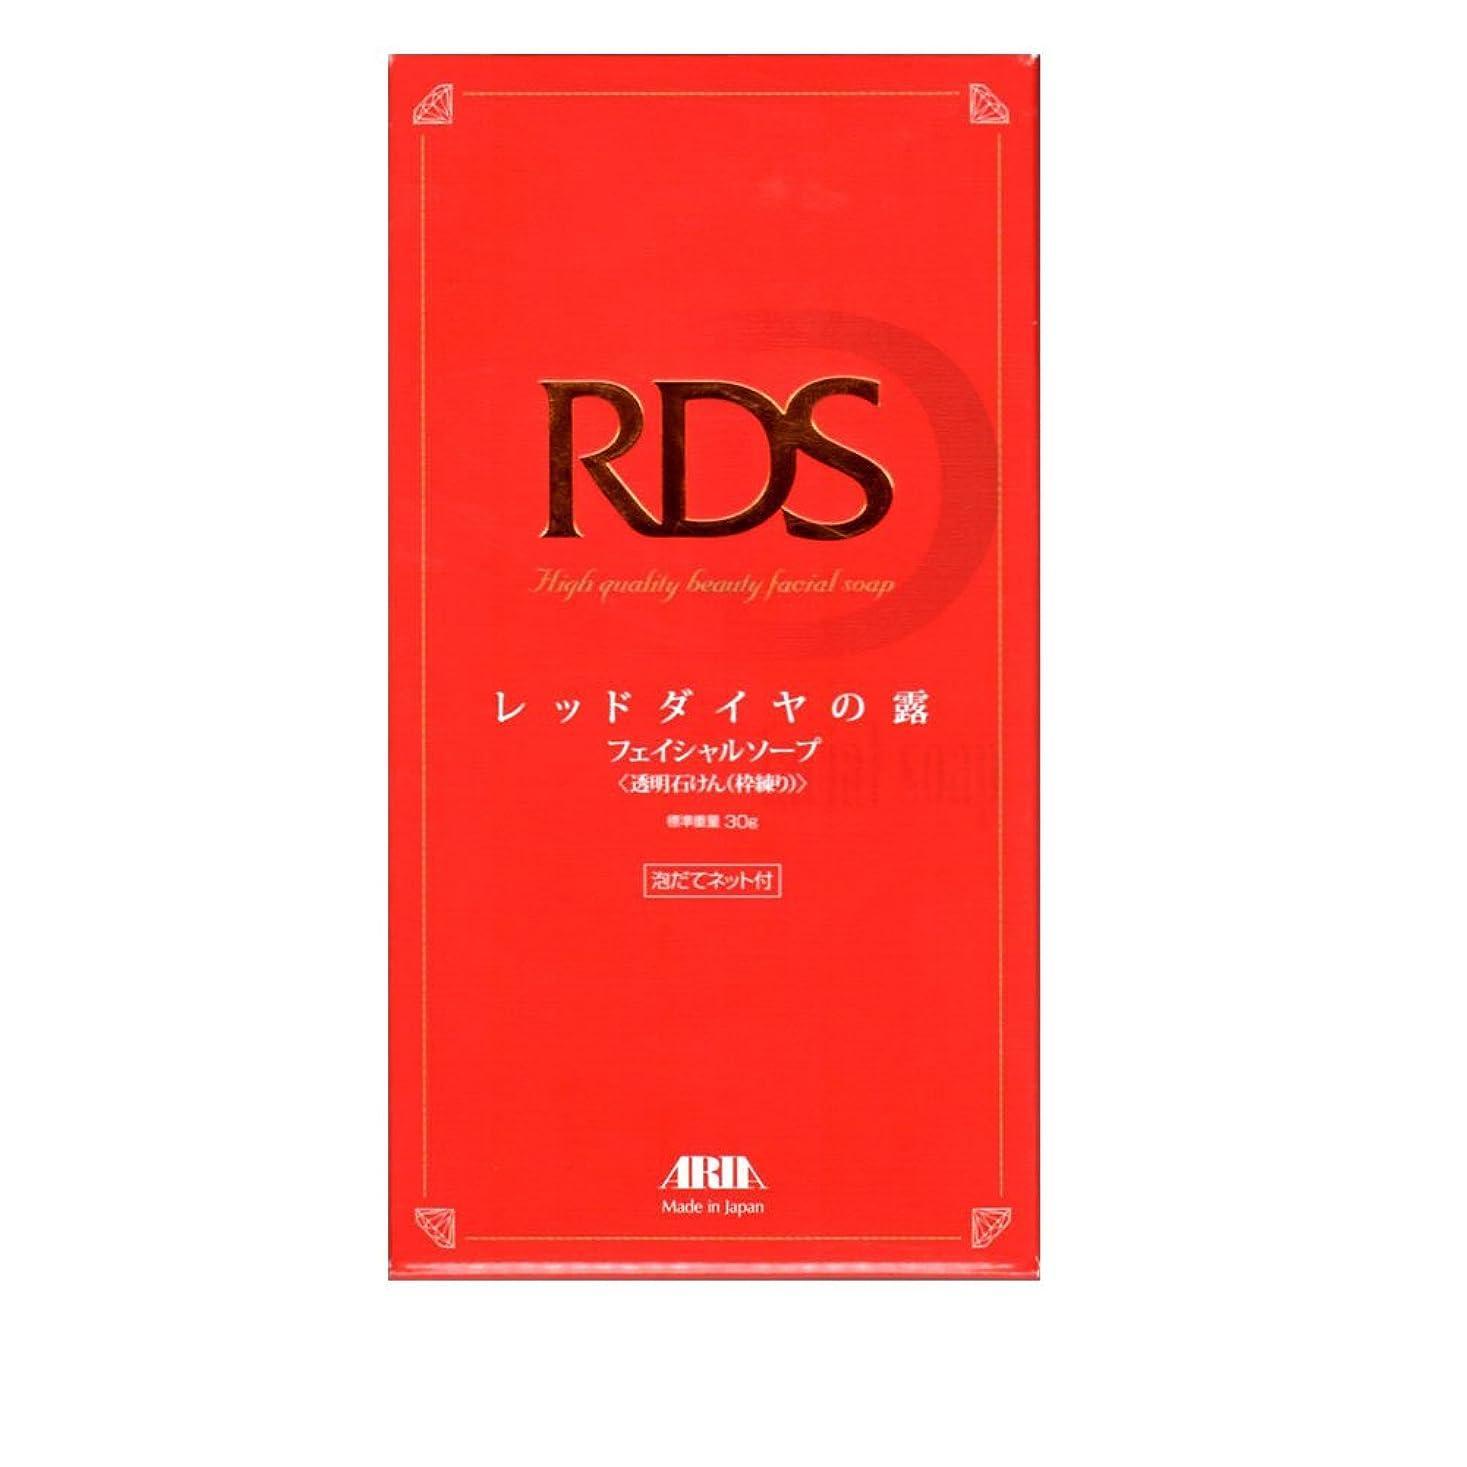 終了しましたシャトル上下するレッドダイヤの露 フェイシャルソープ 洗顔 石鹸 日本製